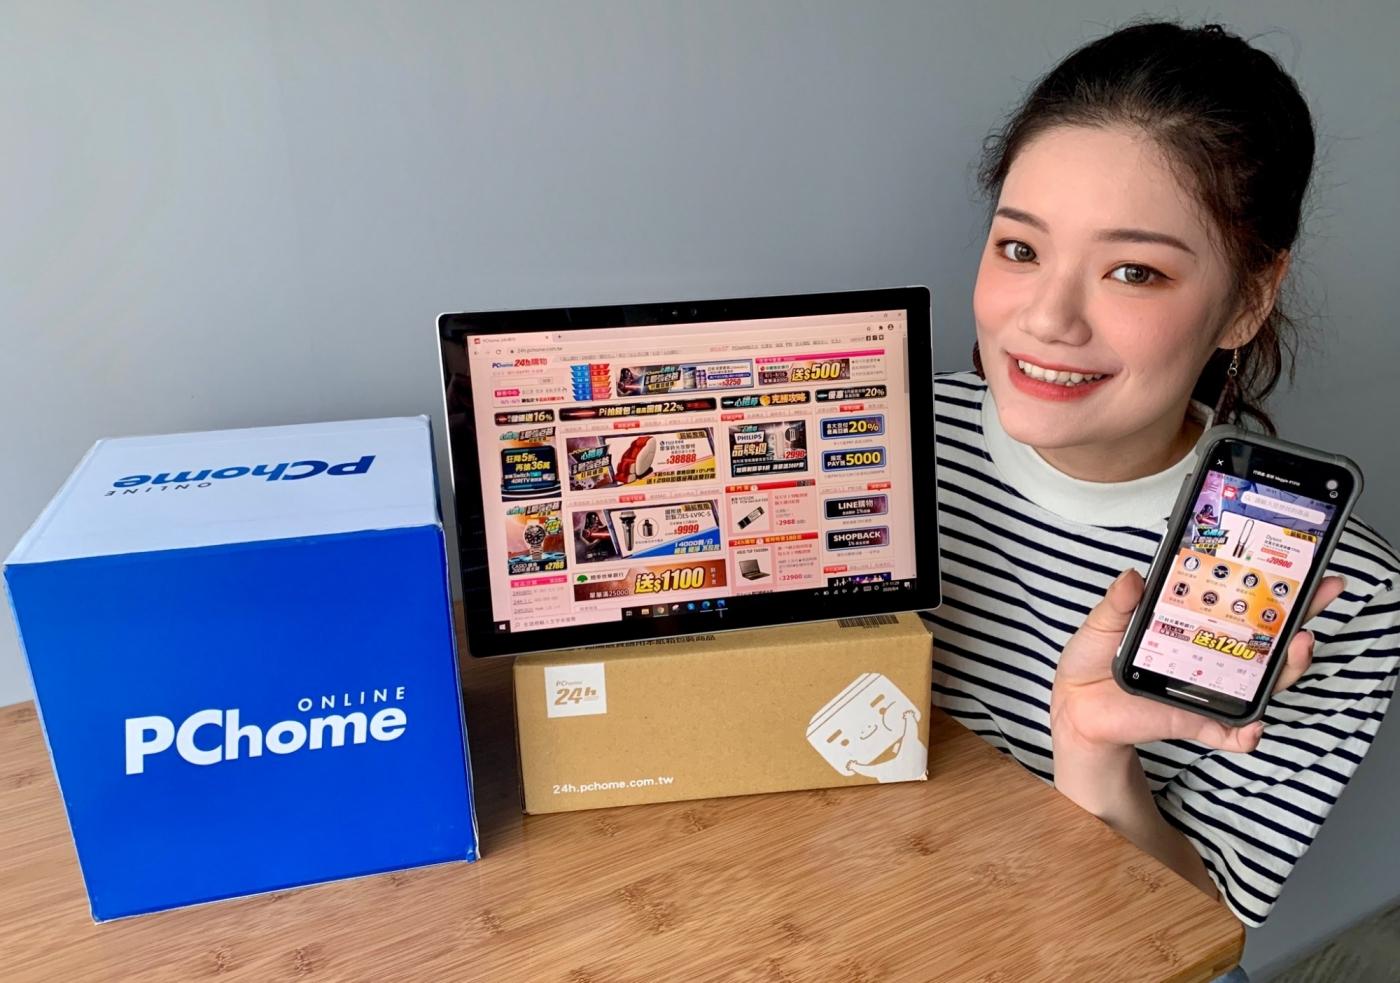 親愛的PChome:其實momo購物網早已和你走在不一樣的路上了!